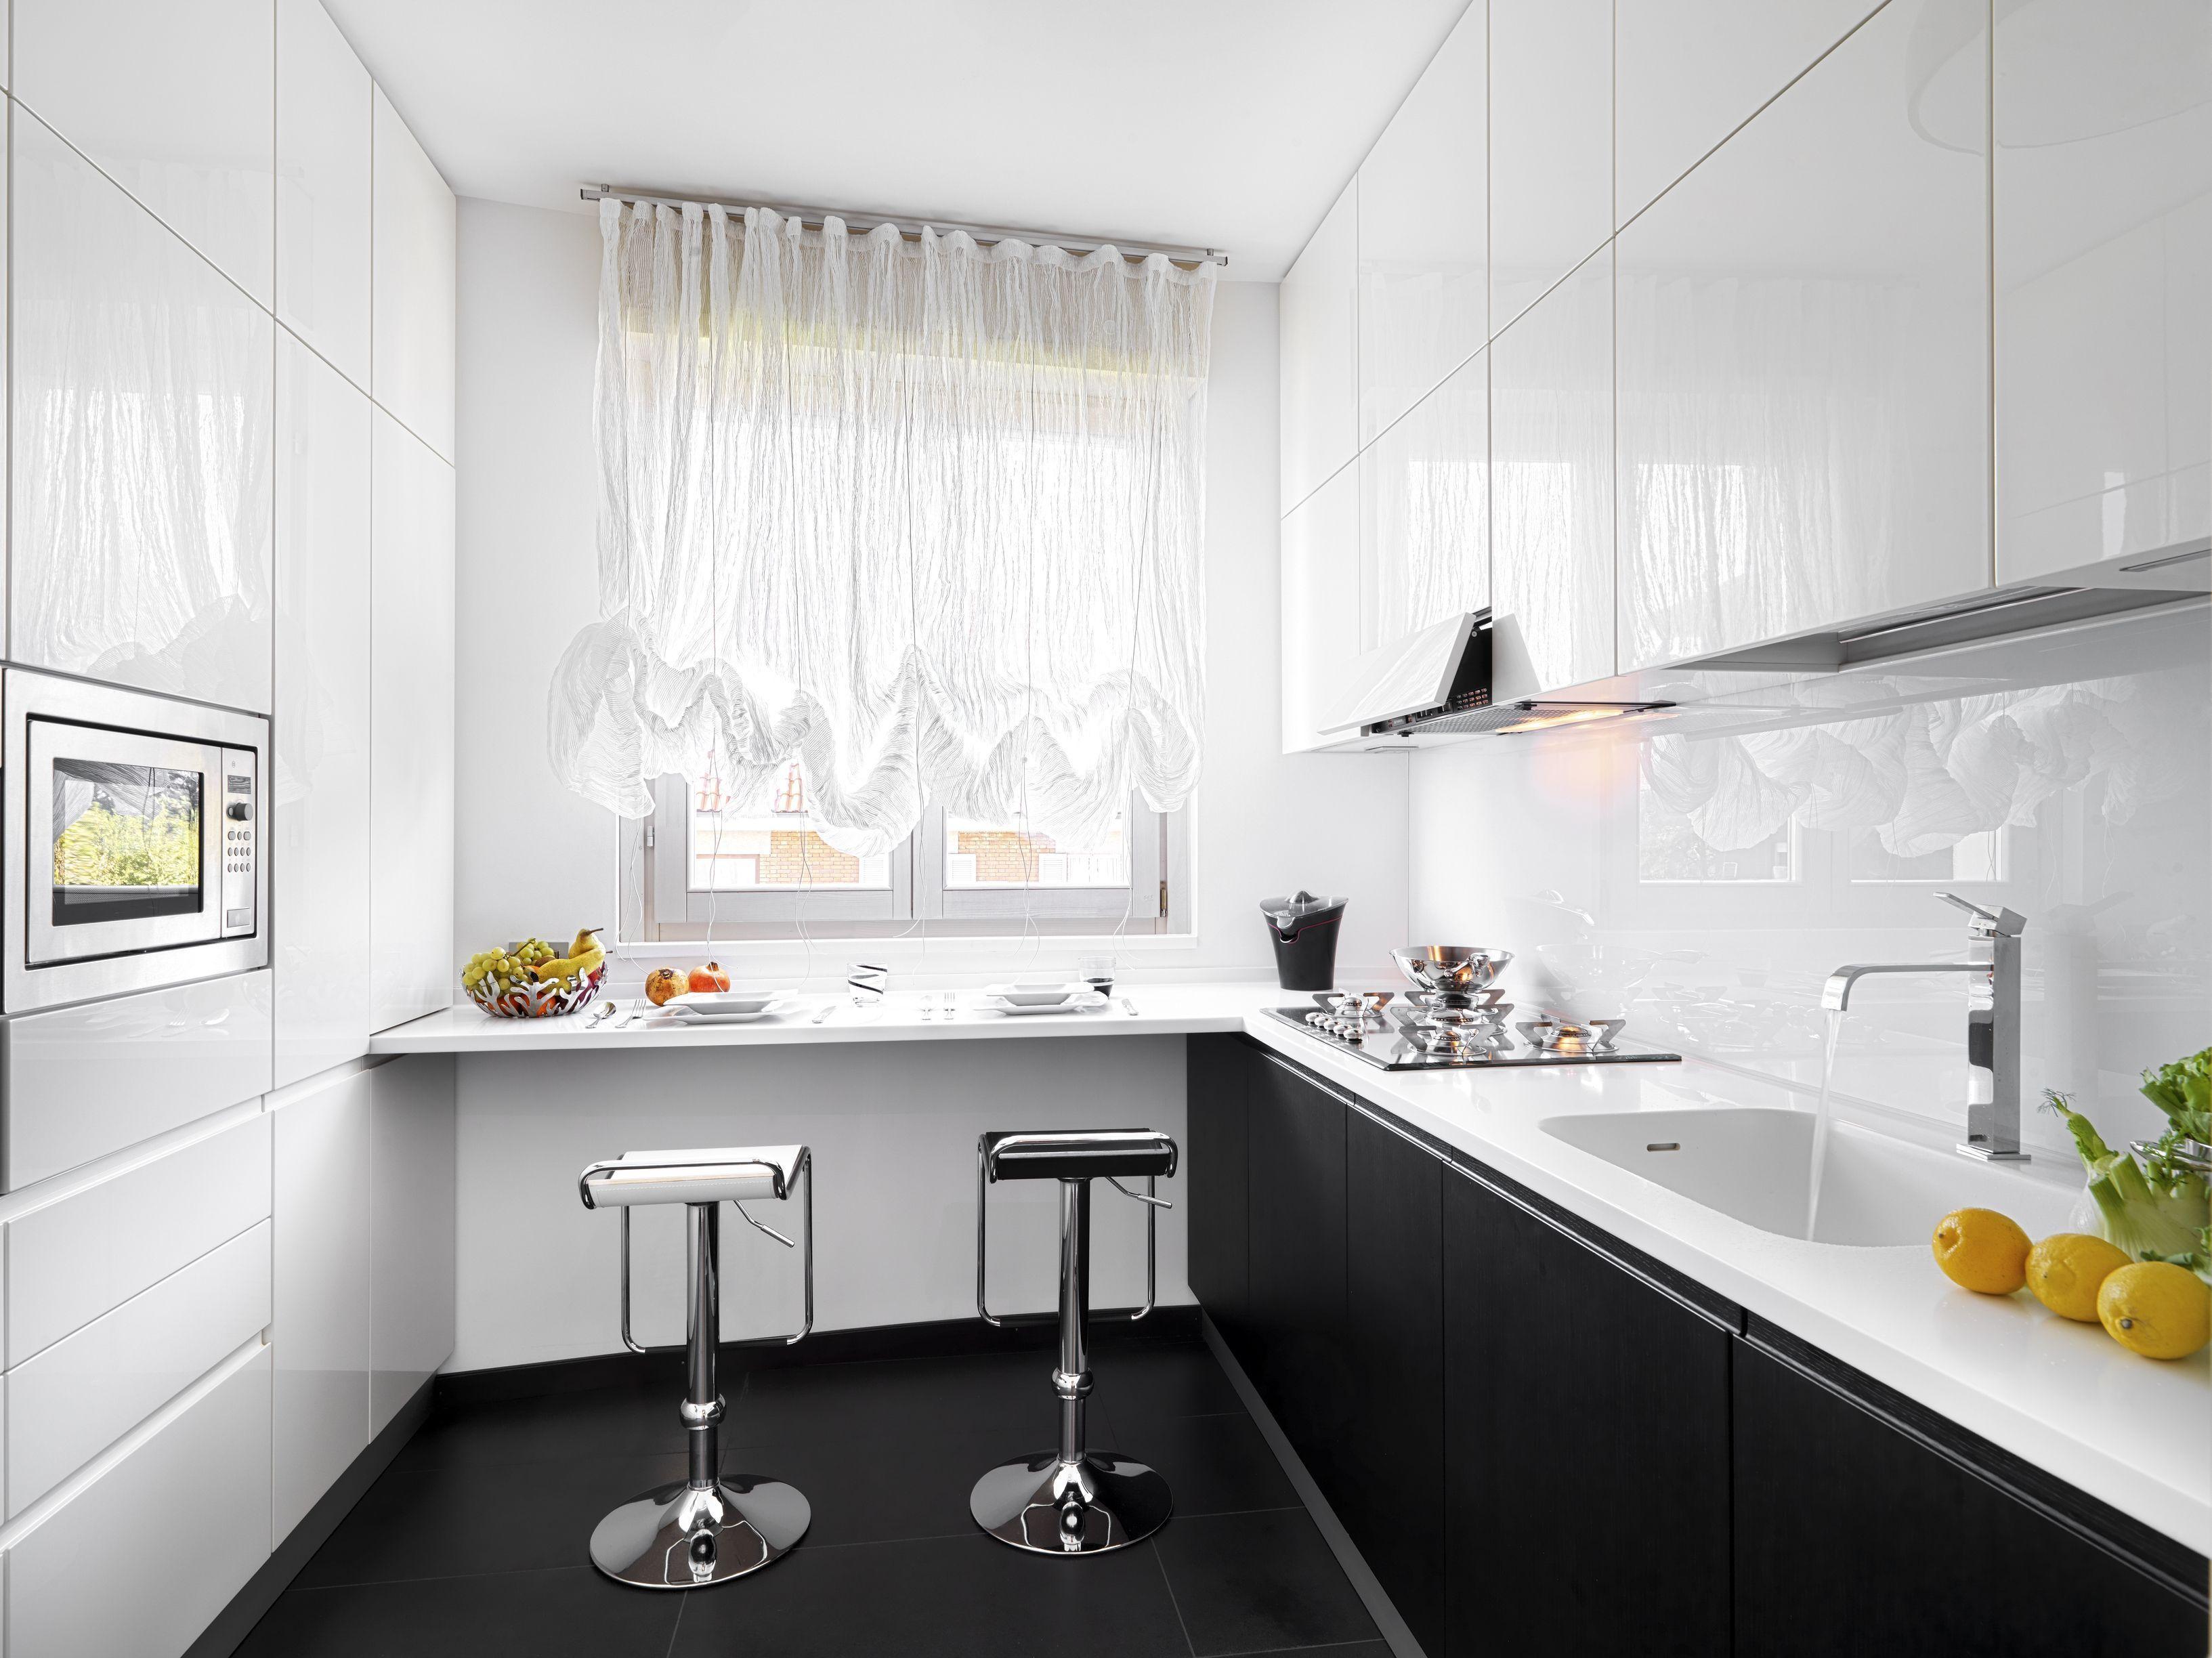 Jak Urzadzic Waska Kuchnie Aranzacje Ciemnego I Jasnego Wnetrza Kitchen Remodel Diy Kitchen Remodel Budget Kitchen Remodel